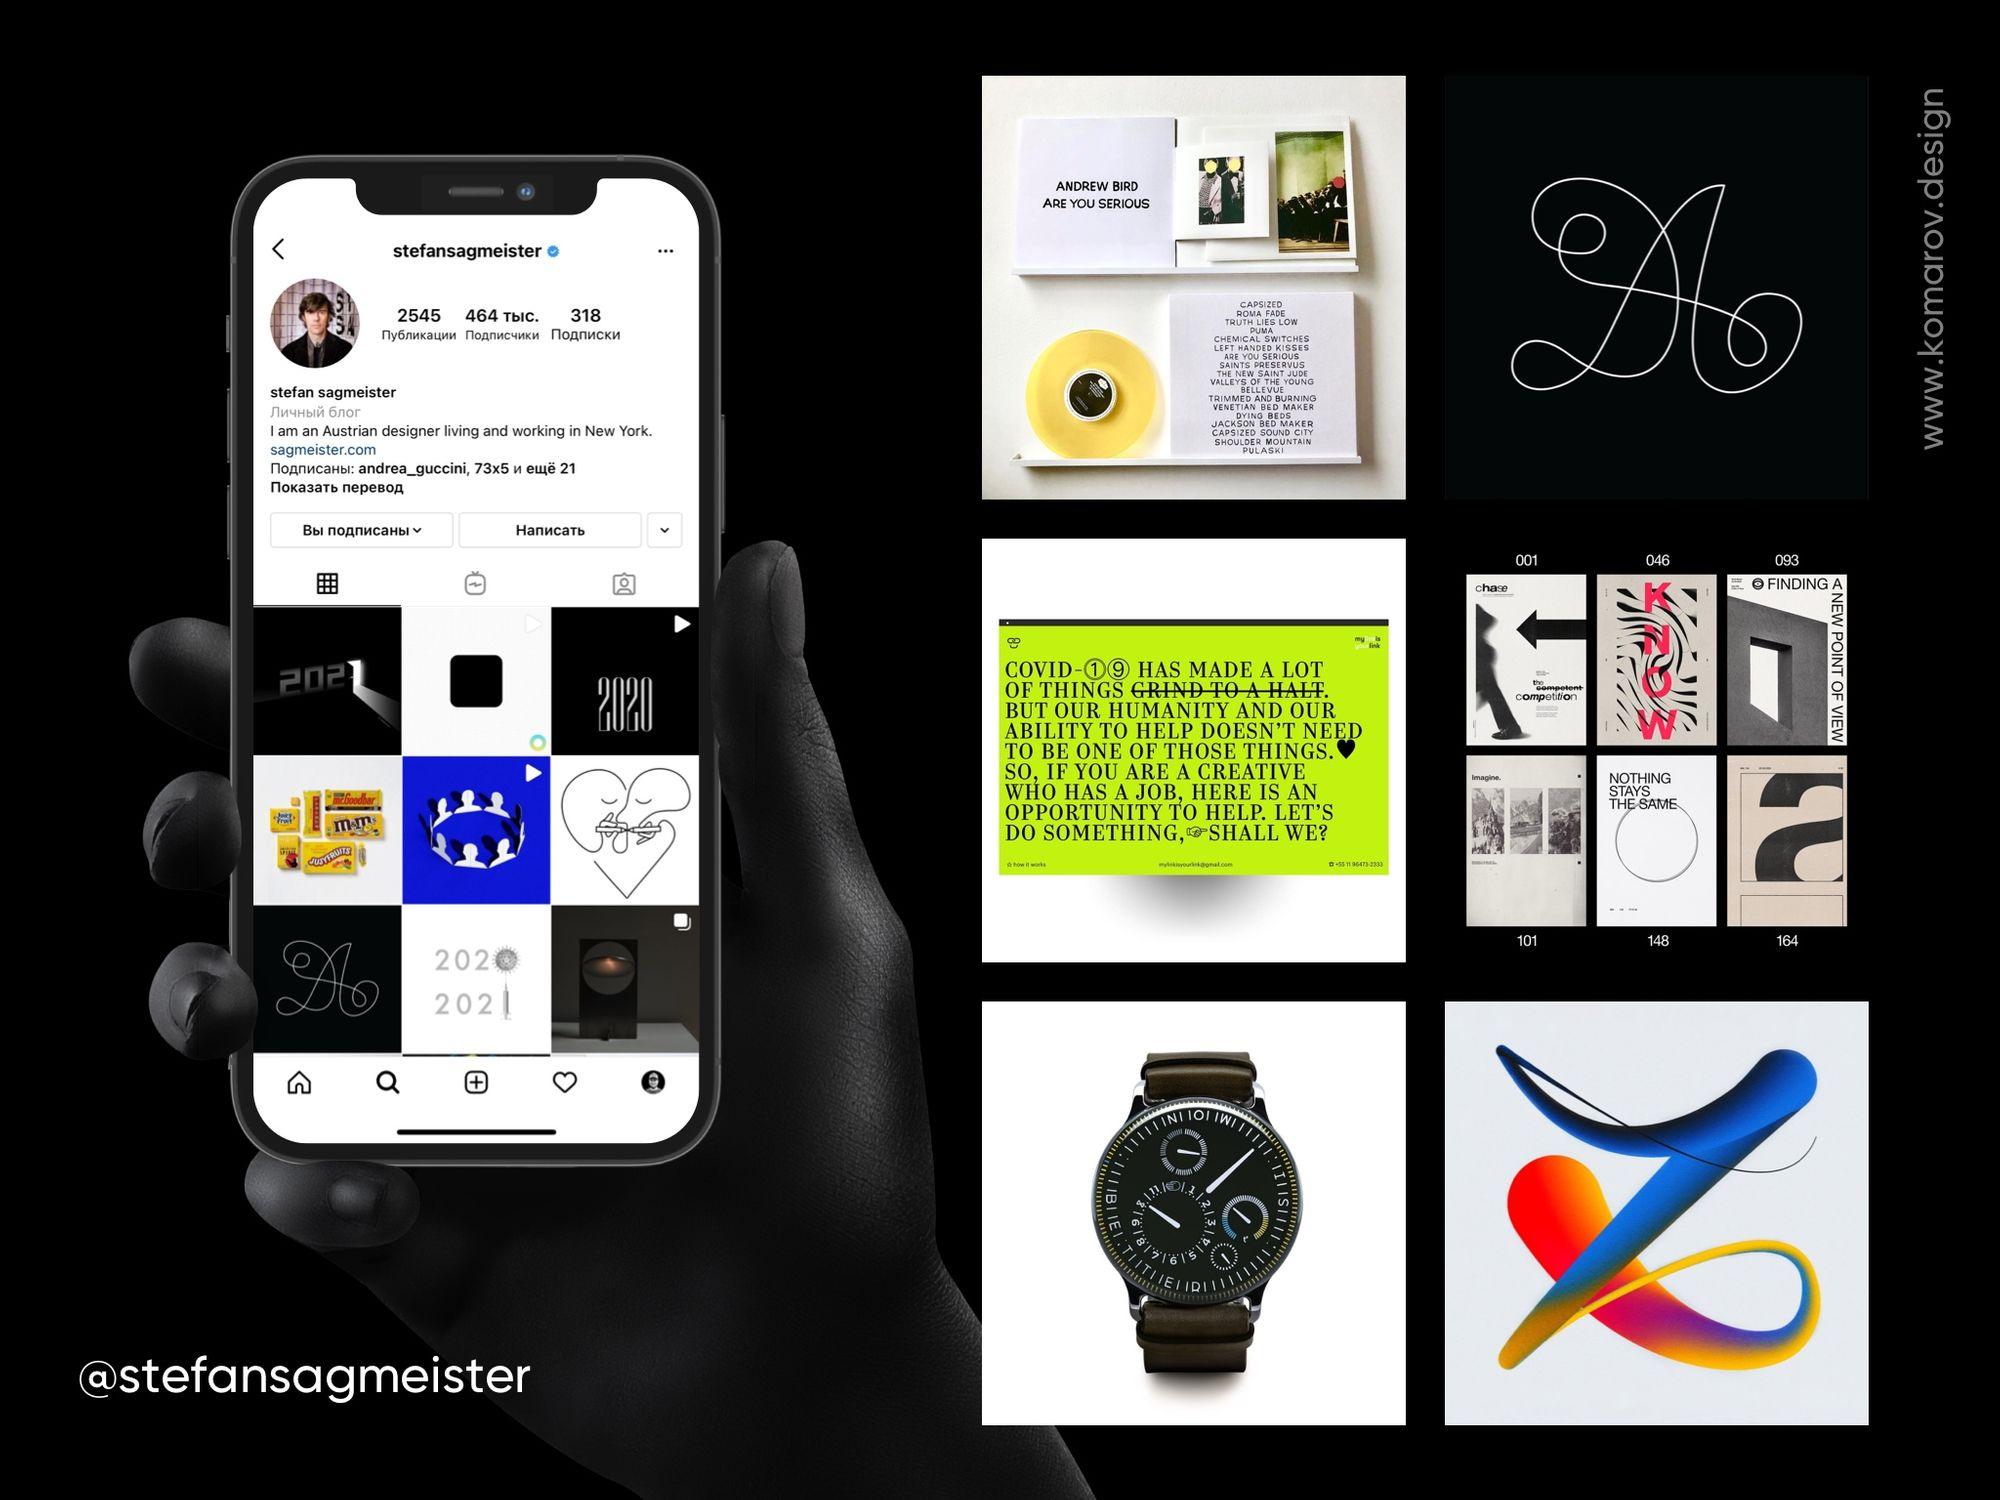 Инстаграм-аккаунт австрийского дизайнера с рецензиями